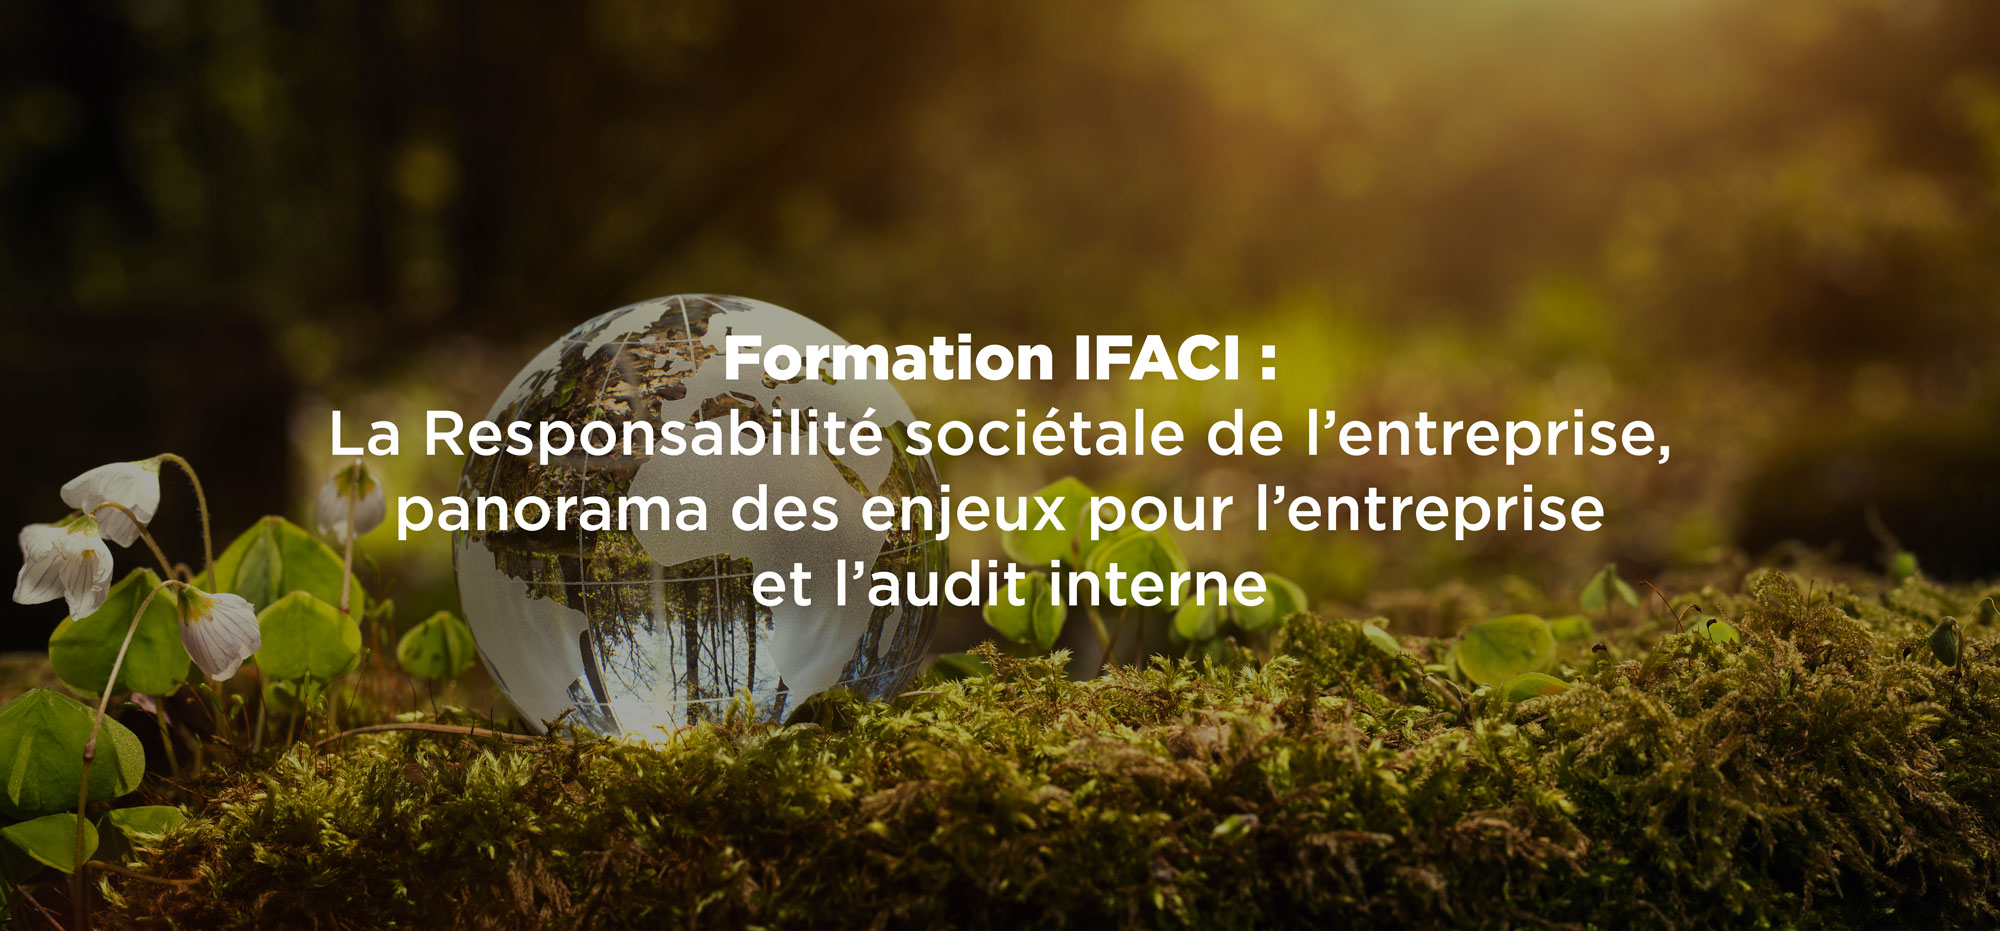 Audit interne et Responsabilité Sociétale de l'entreprise